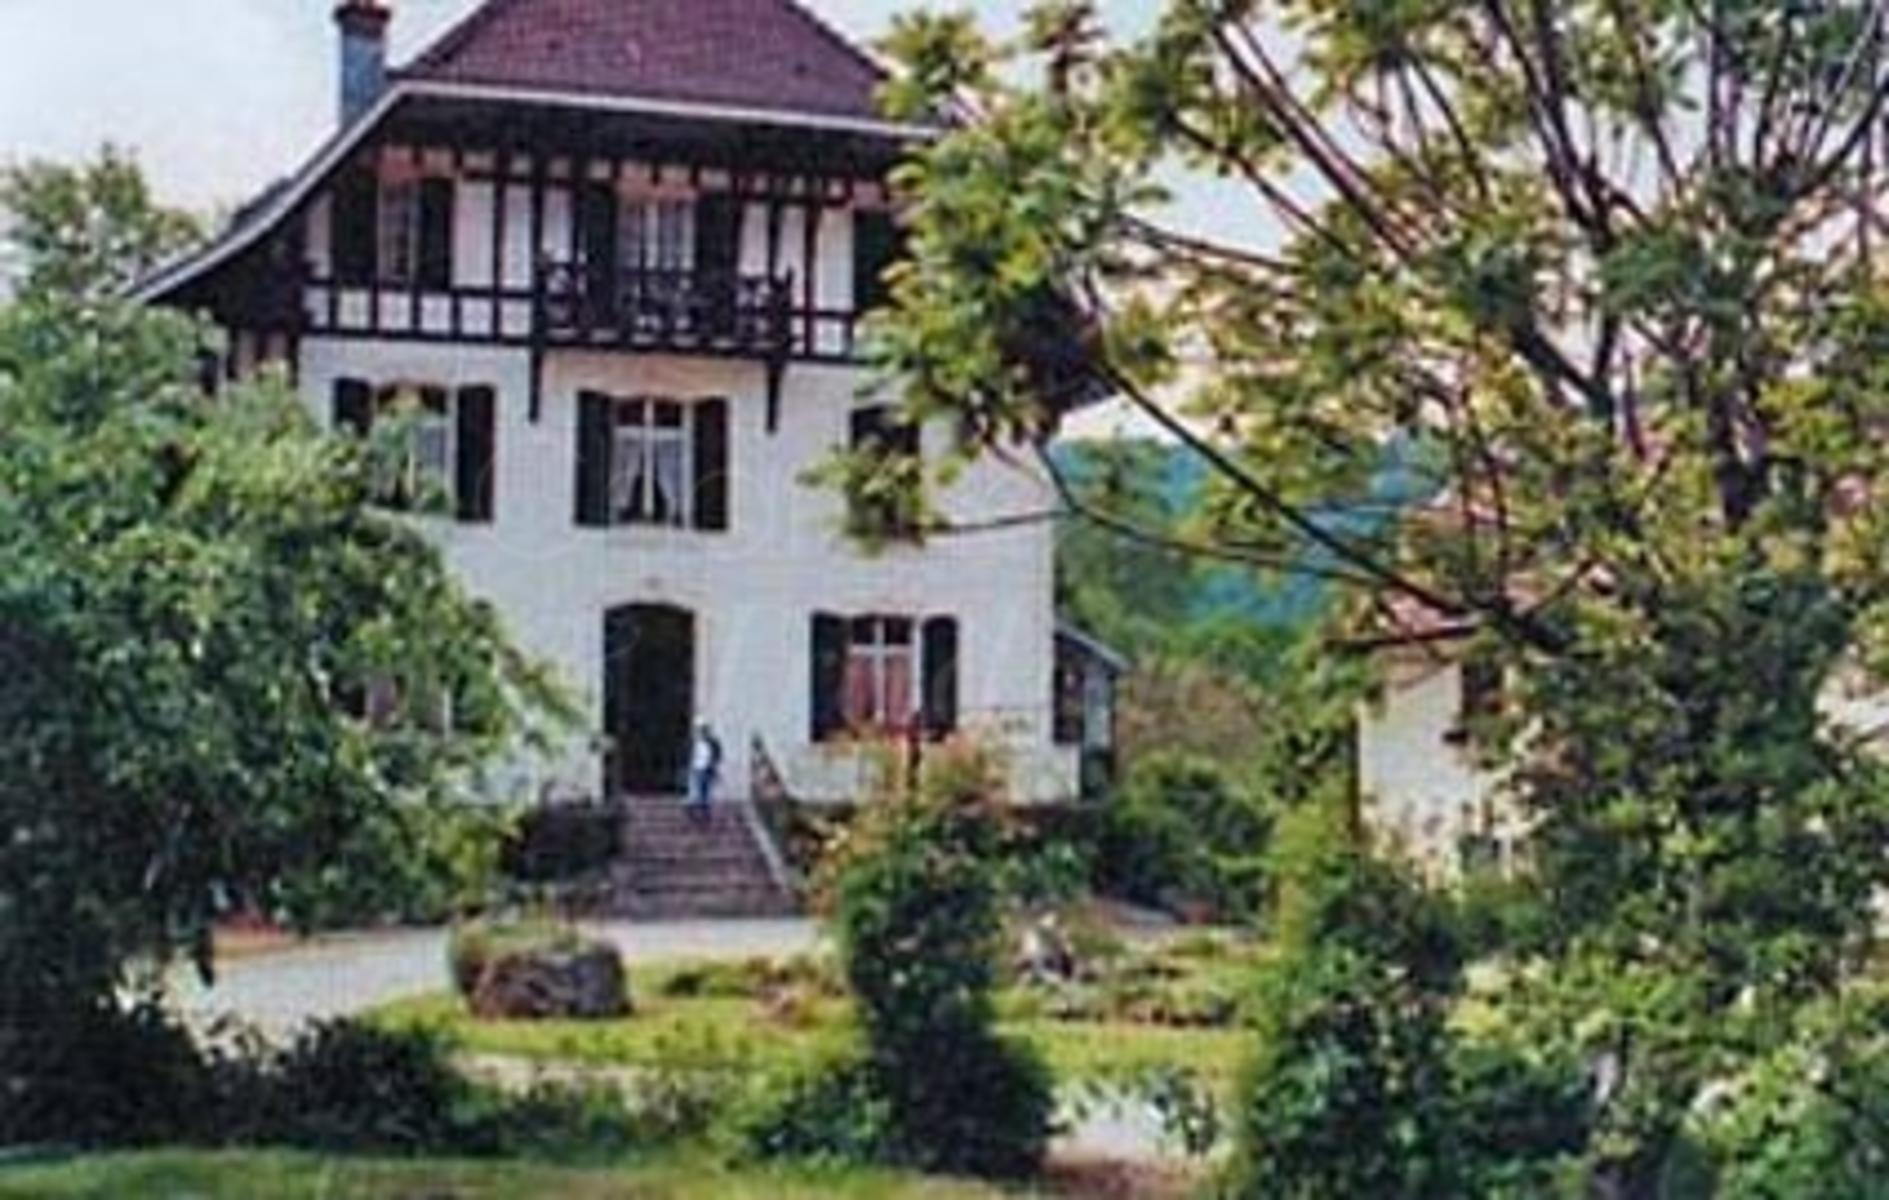 La villa sans fa on chambre d 39 hote vuillafans doubs - Chambres d hotes la villa alienor ...